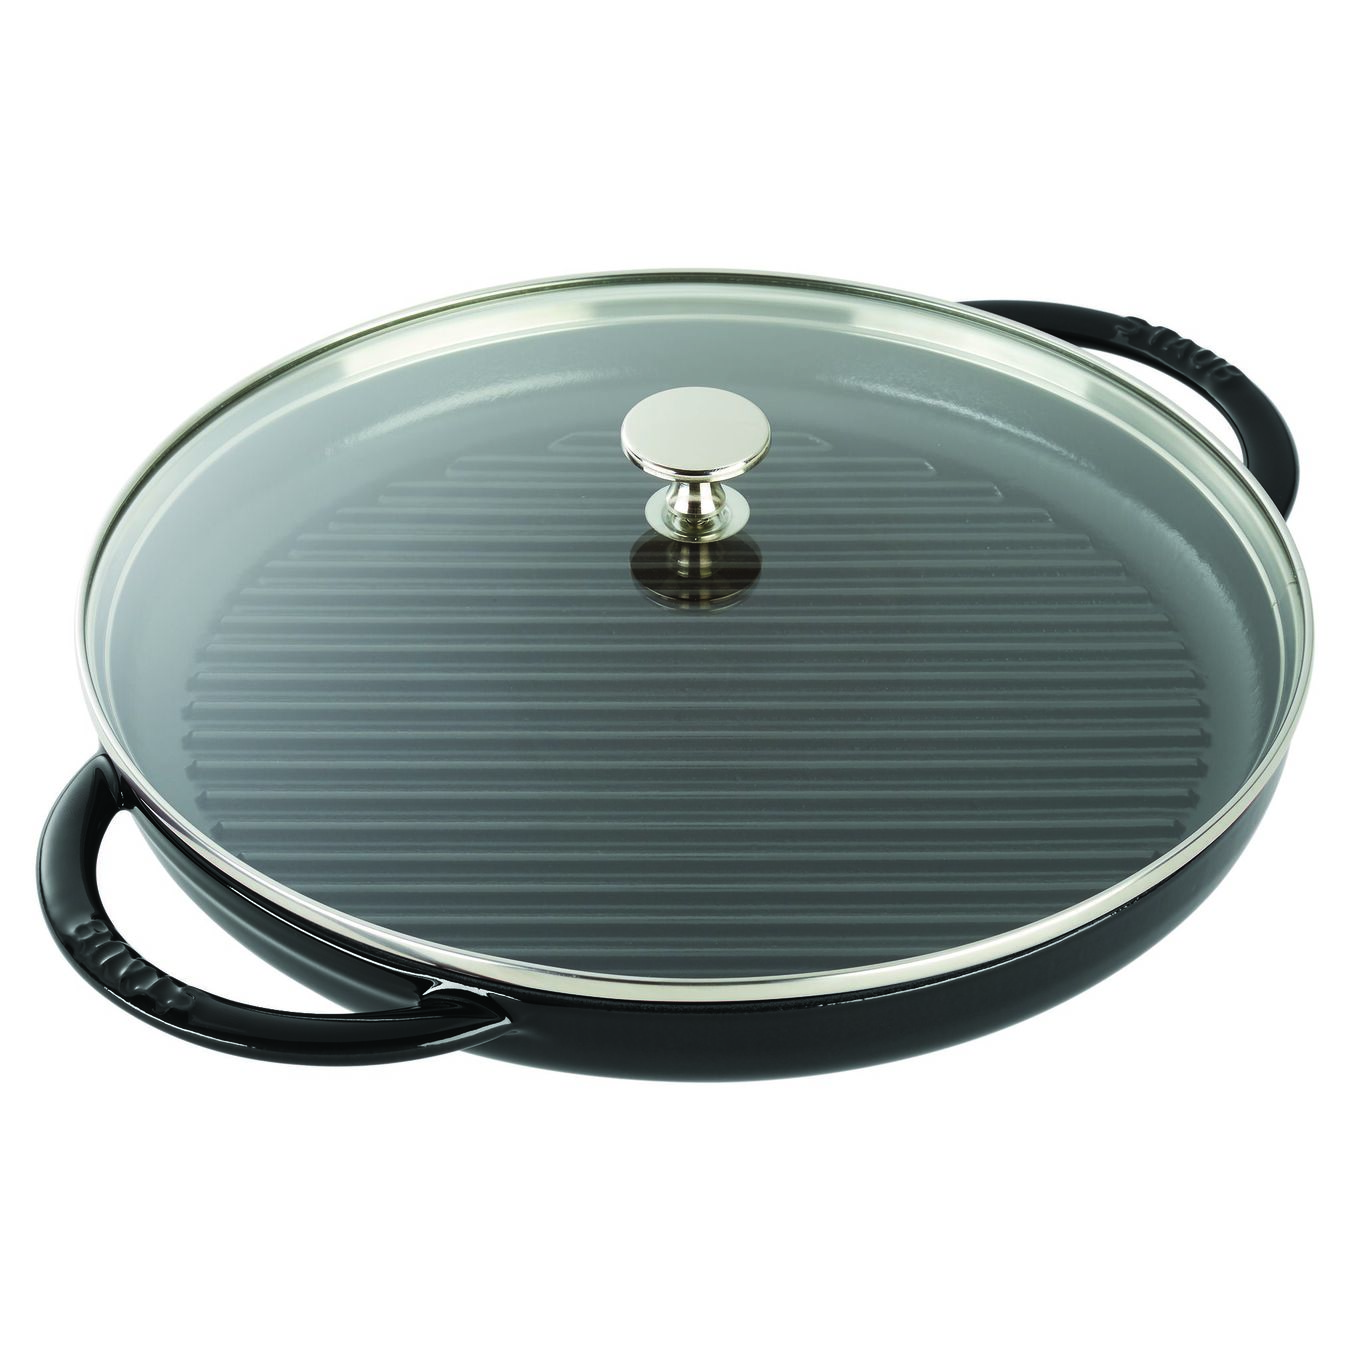 12-inch Round Steam Grill - Black Matte,,large 3